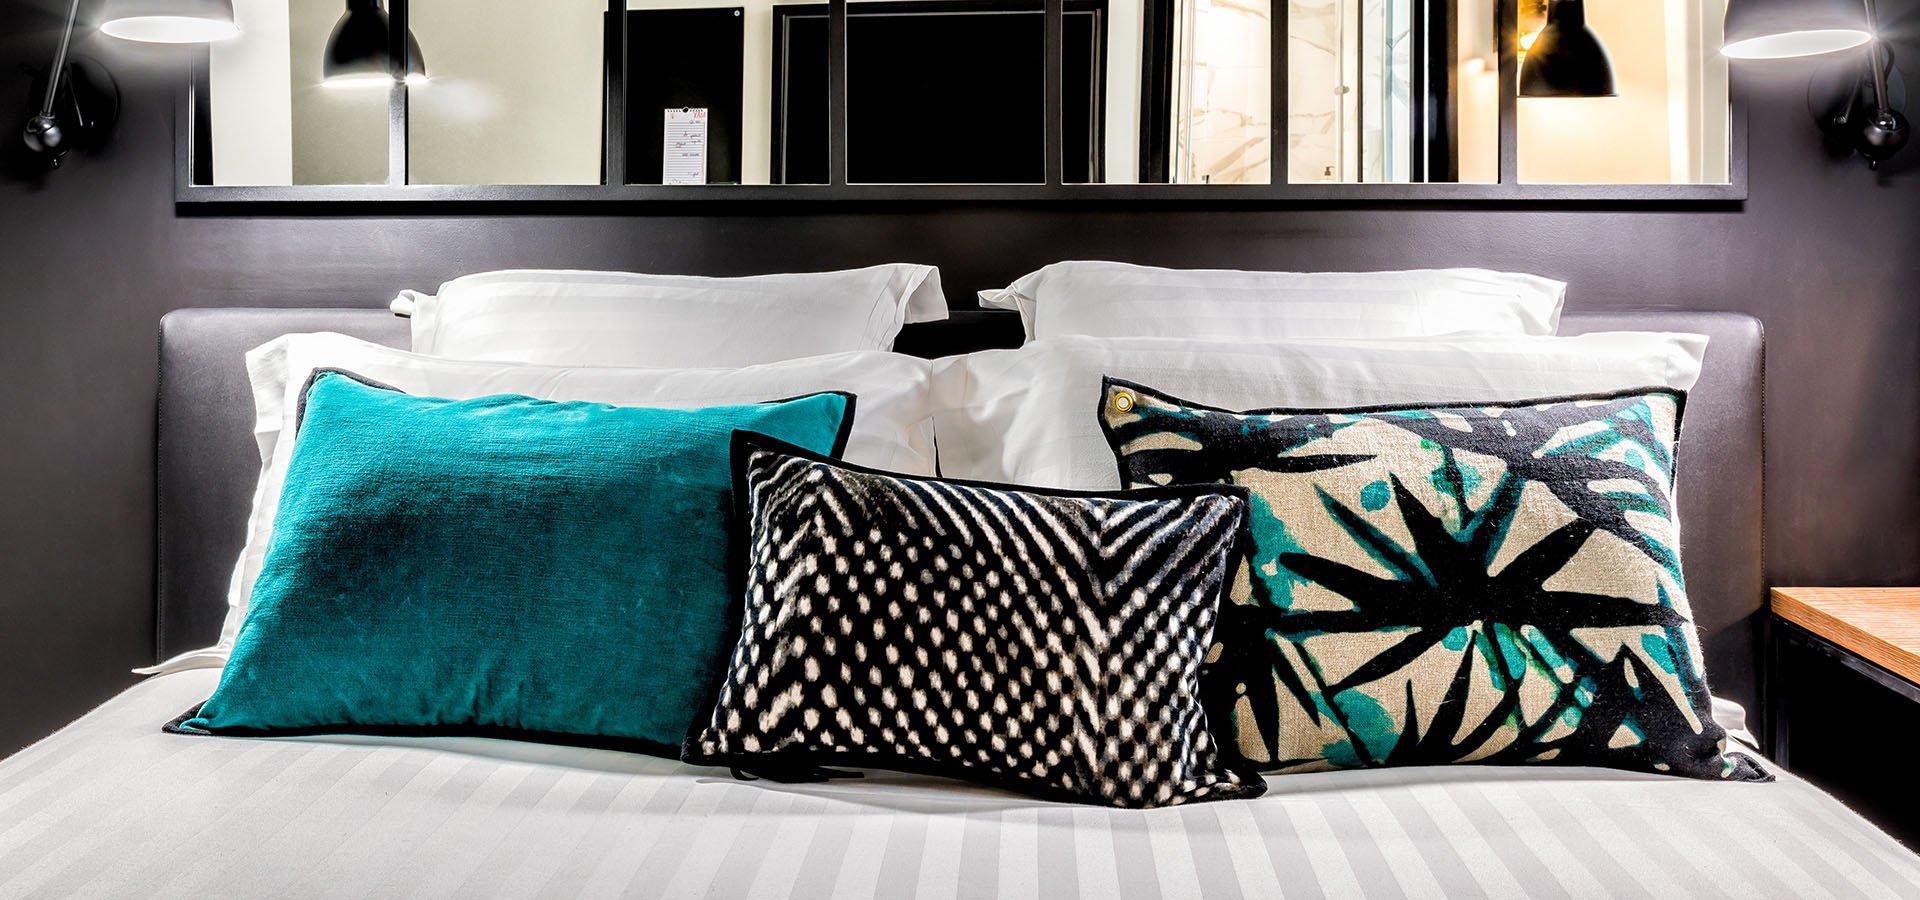 LAZ&SPA HOTEL 4 etoiles PARIS SuitcaseHospitality stephaniecayet architectureinterieuredesign